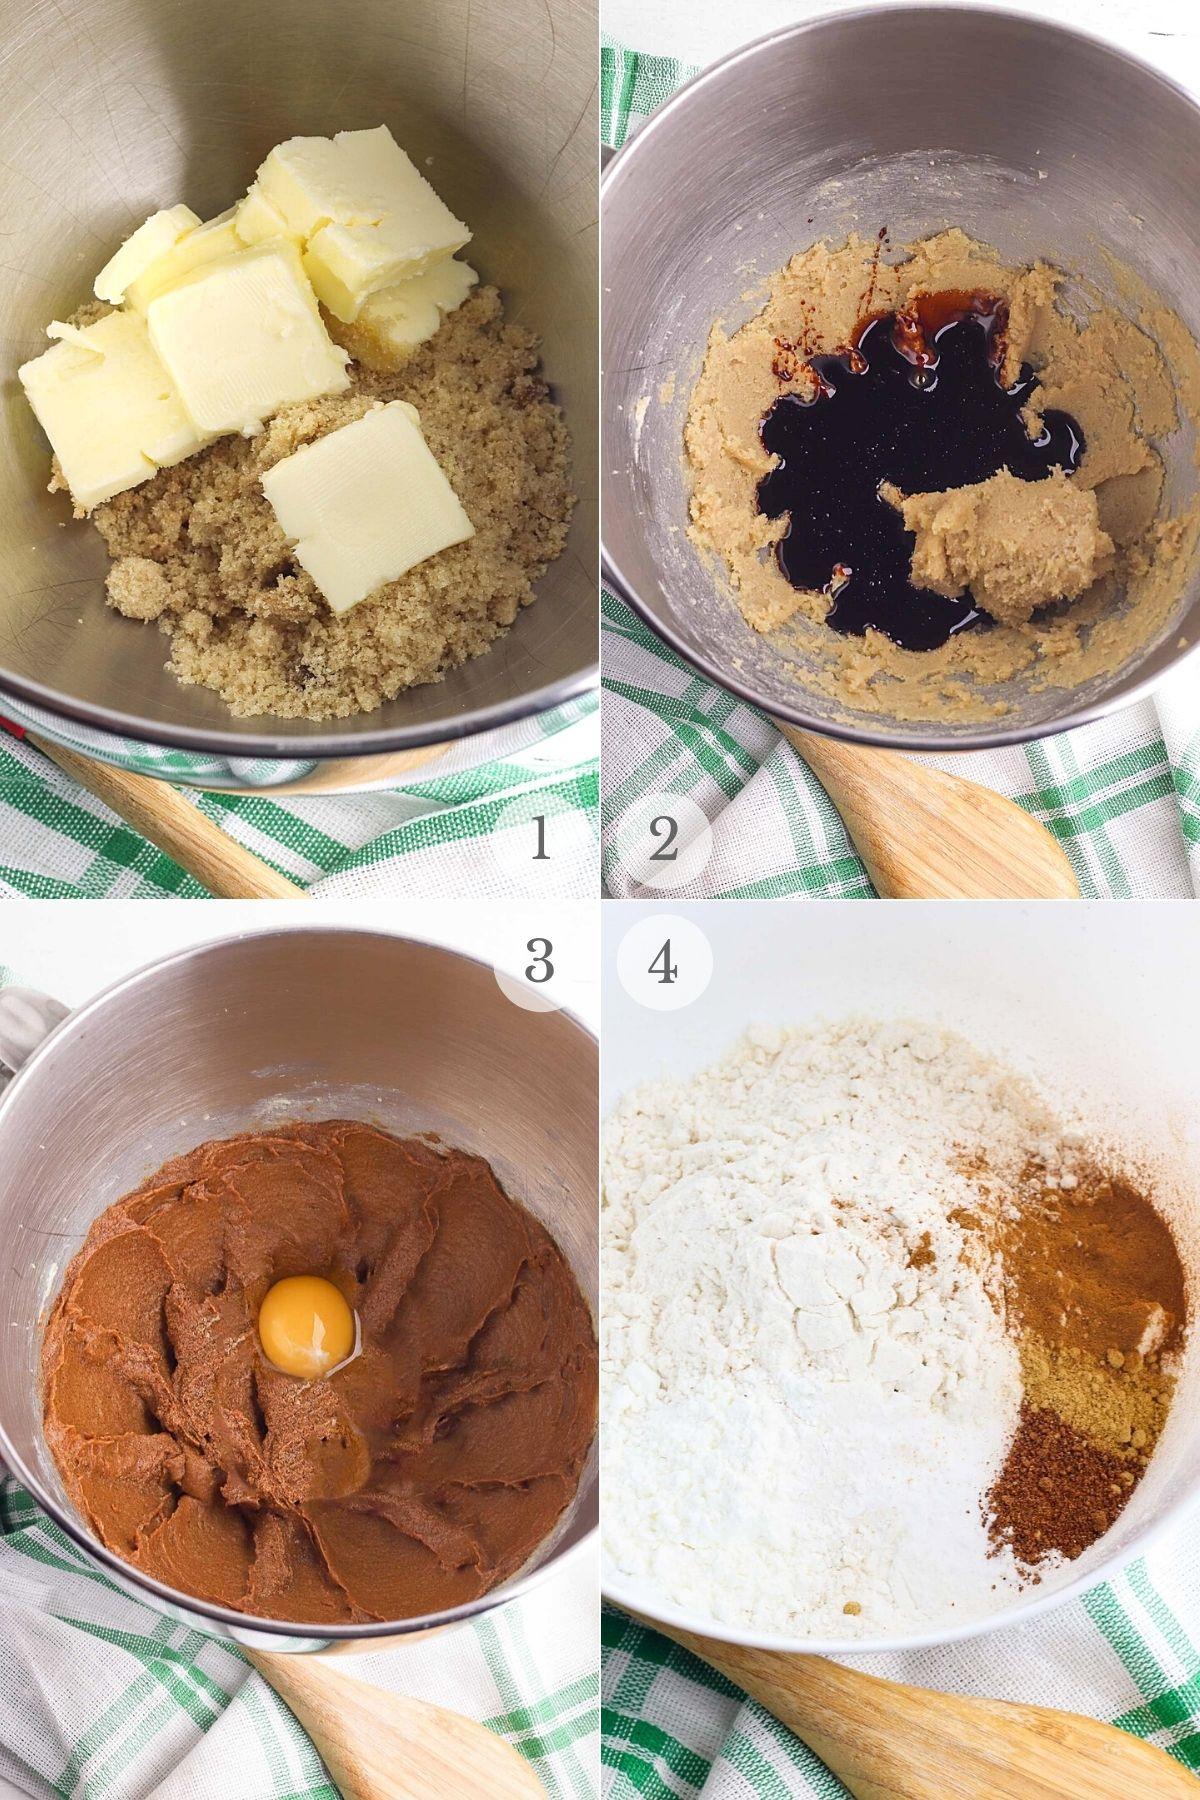 gingerbread cookies recipe steps 1-4